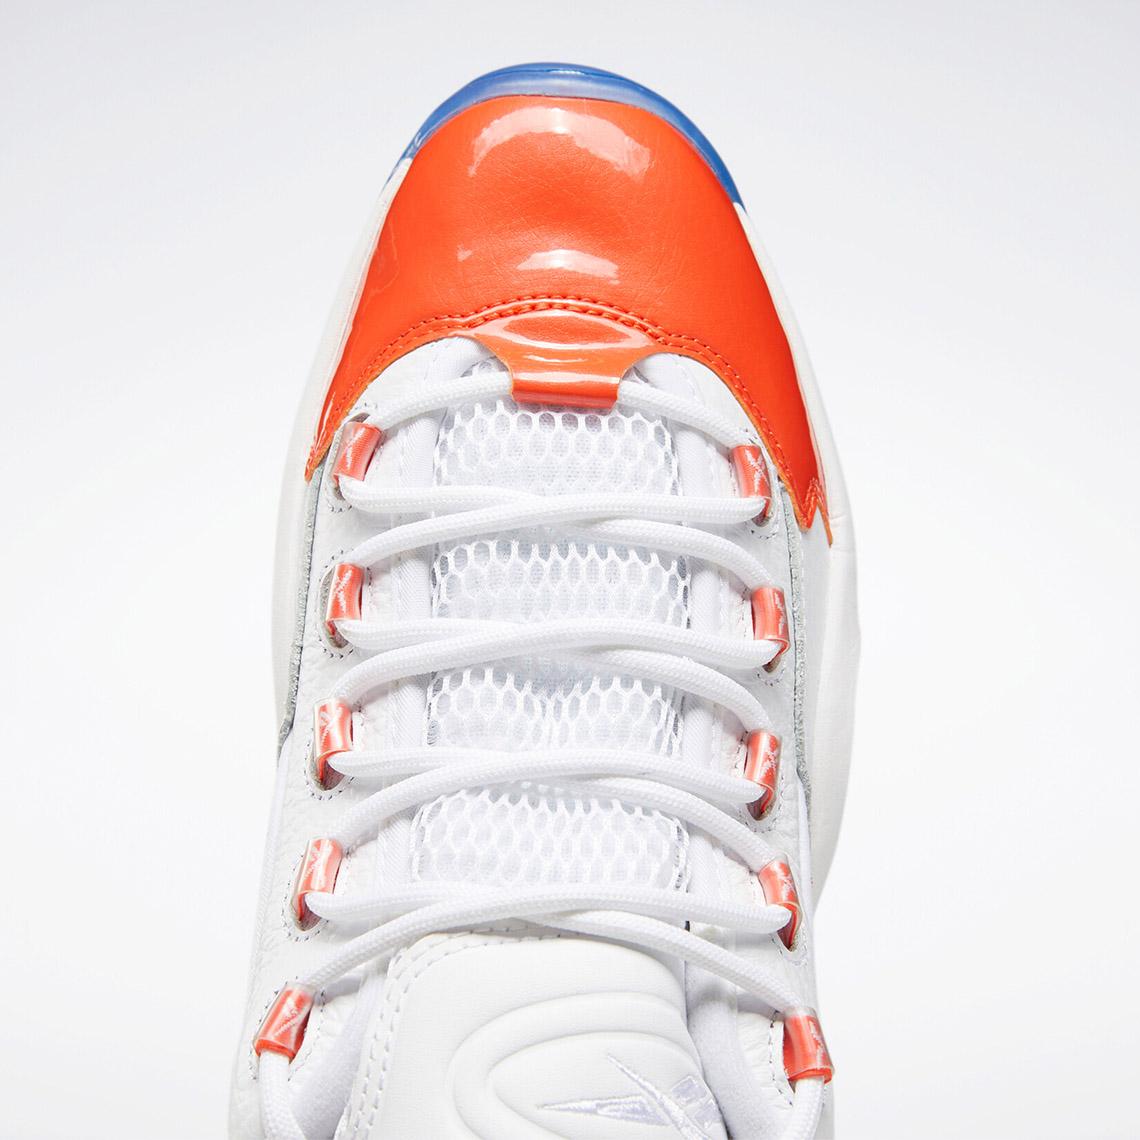 5 phát hành giày thể thao ấn tượng sắp ra mắt (11- 18/6/2020)-25